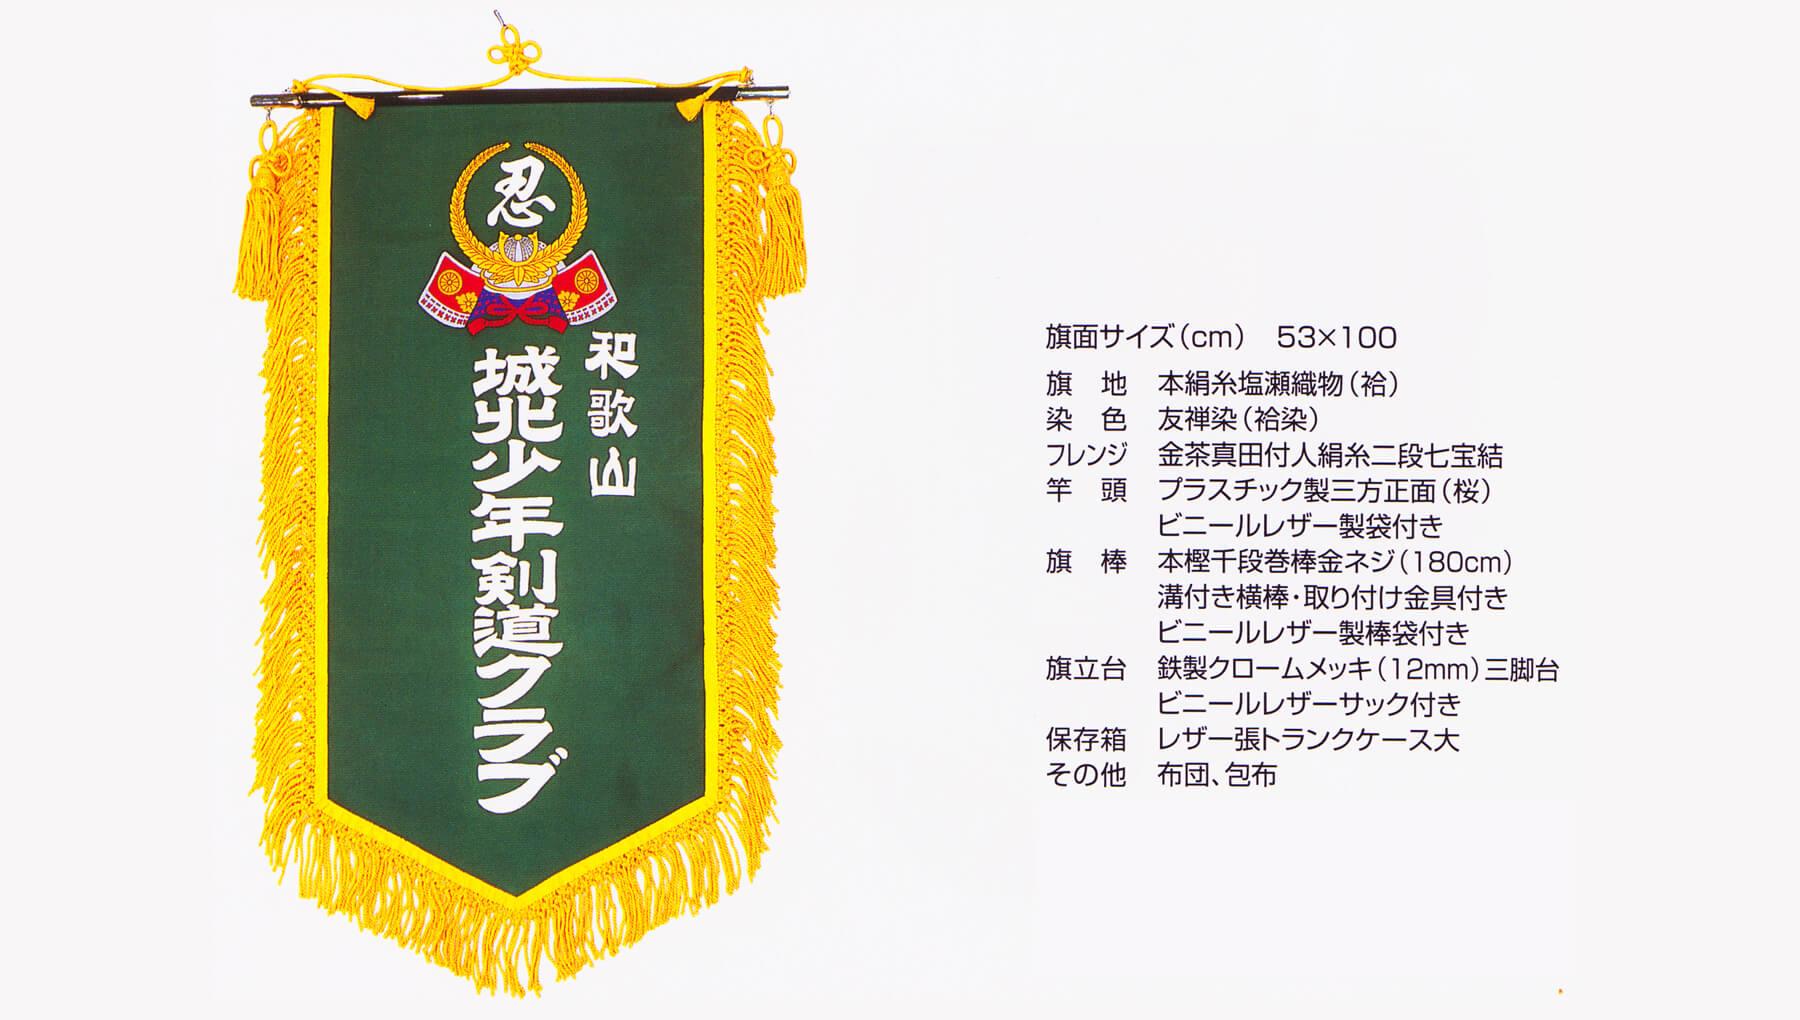 オリジナルの旗(縦型 本絹塩瀬織物)のサンプル写真